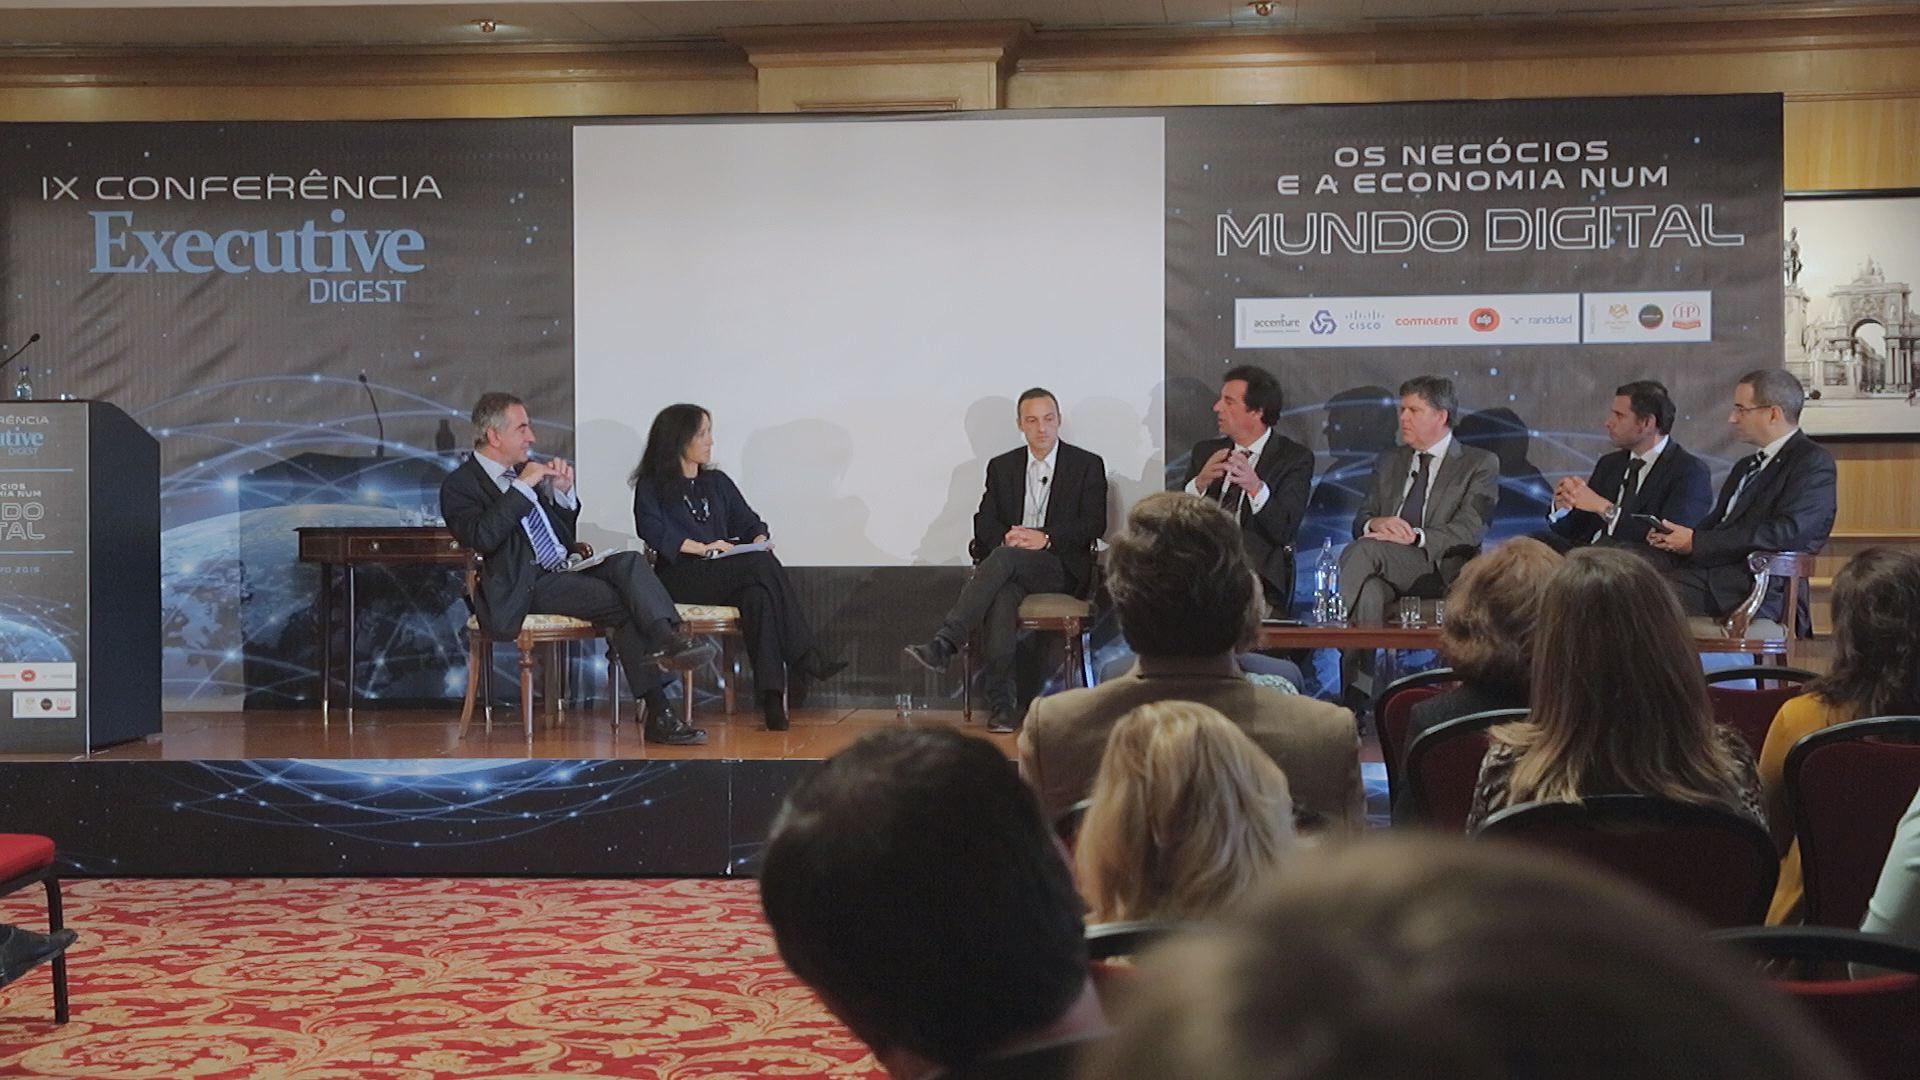 IX Conferência Executive Digest – Os negócios e a economia num mundo digital